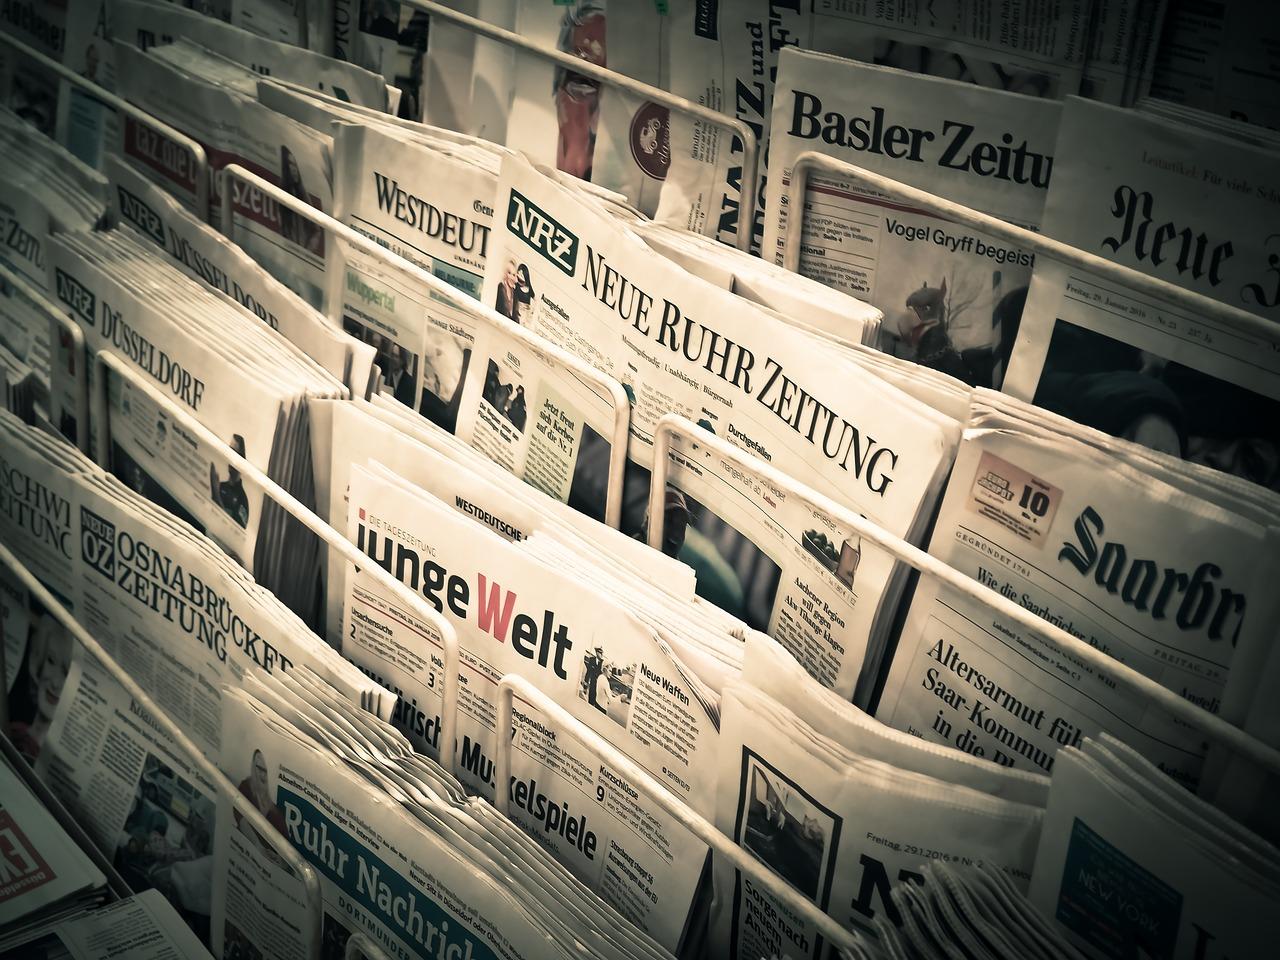 Suivre l'actualité en ligne : quelles sont les avantages ?